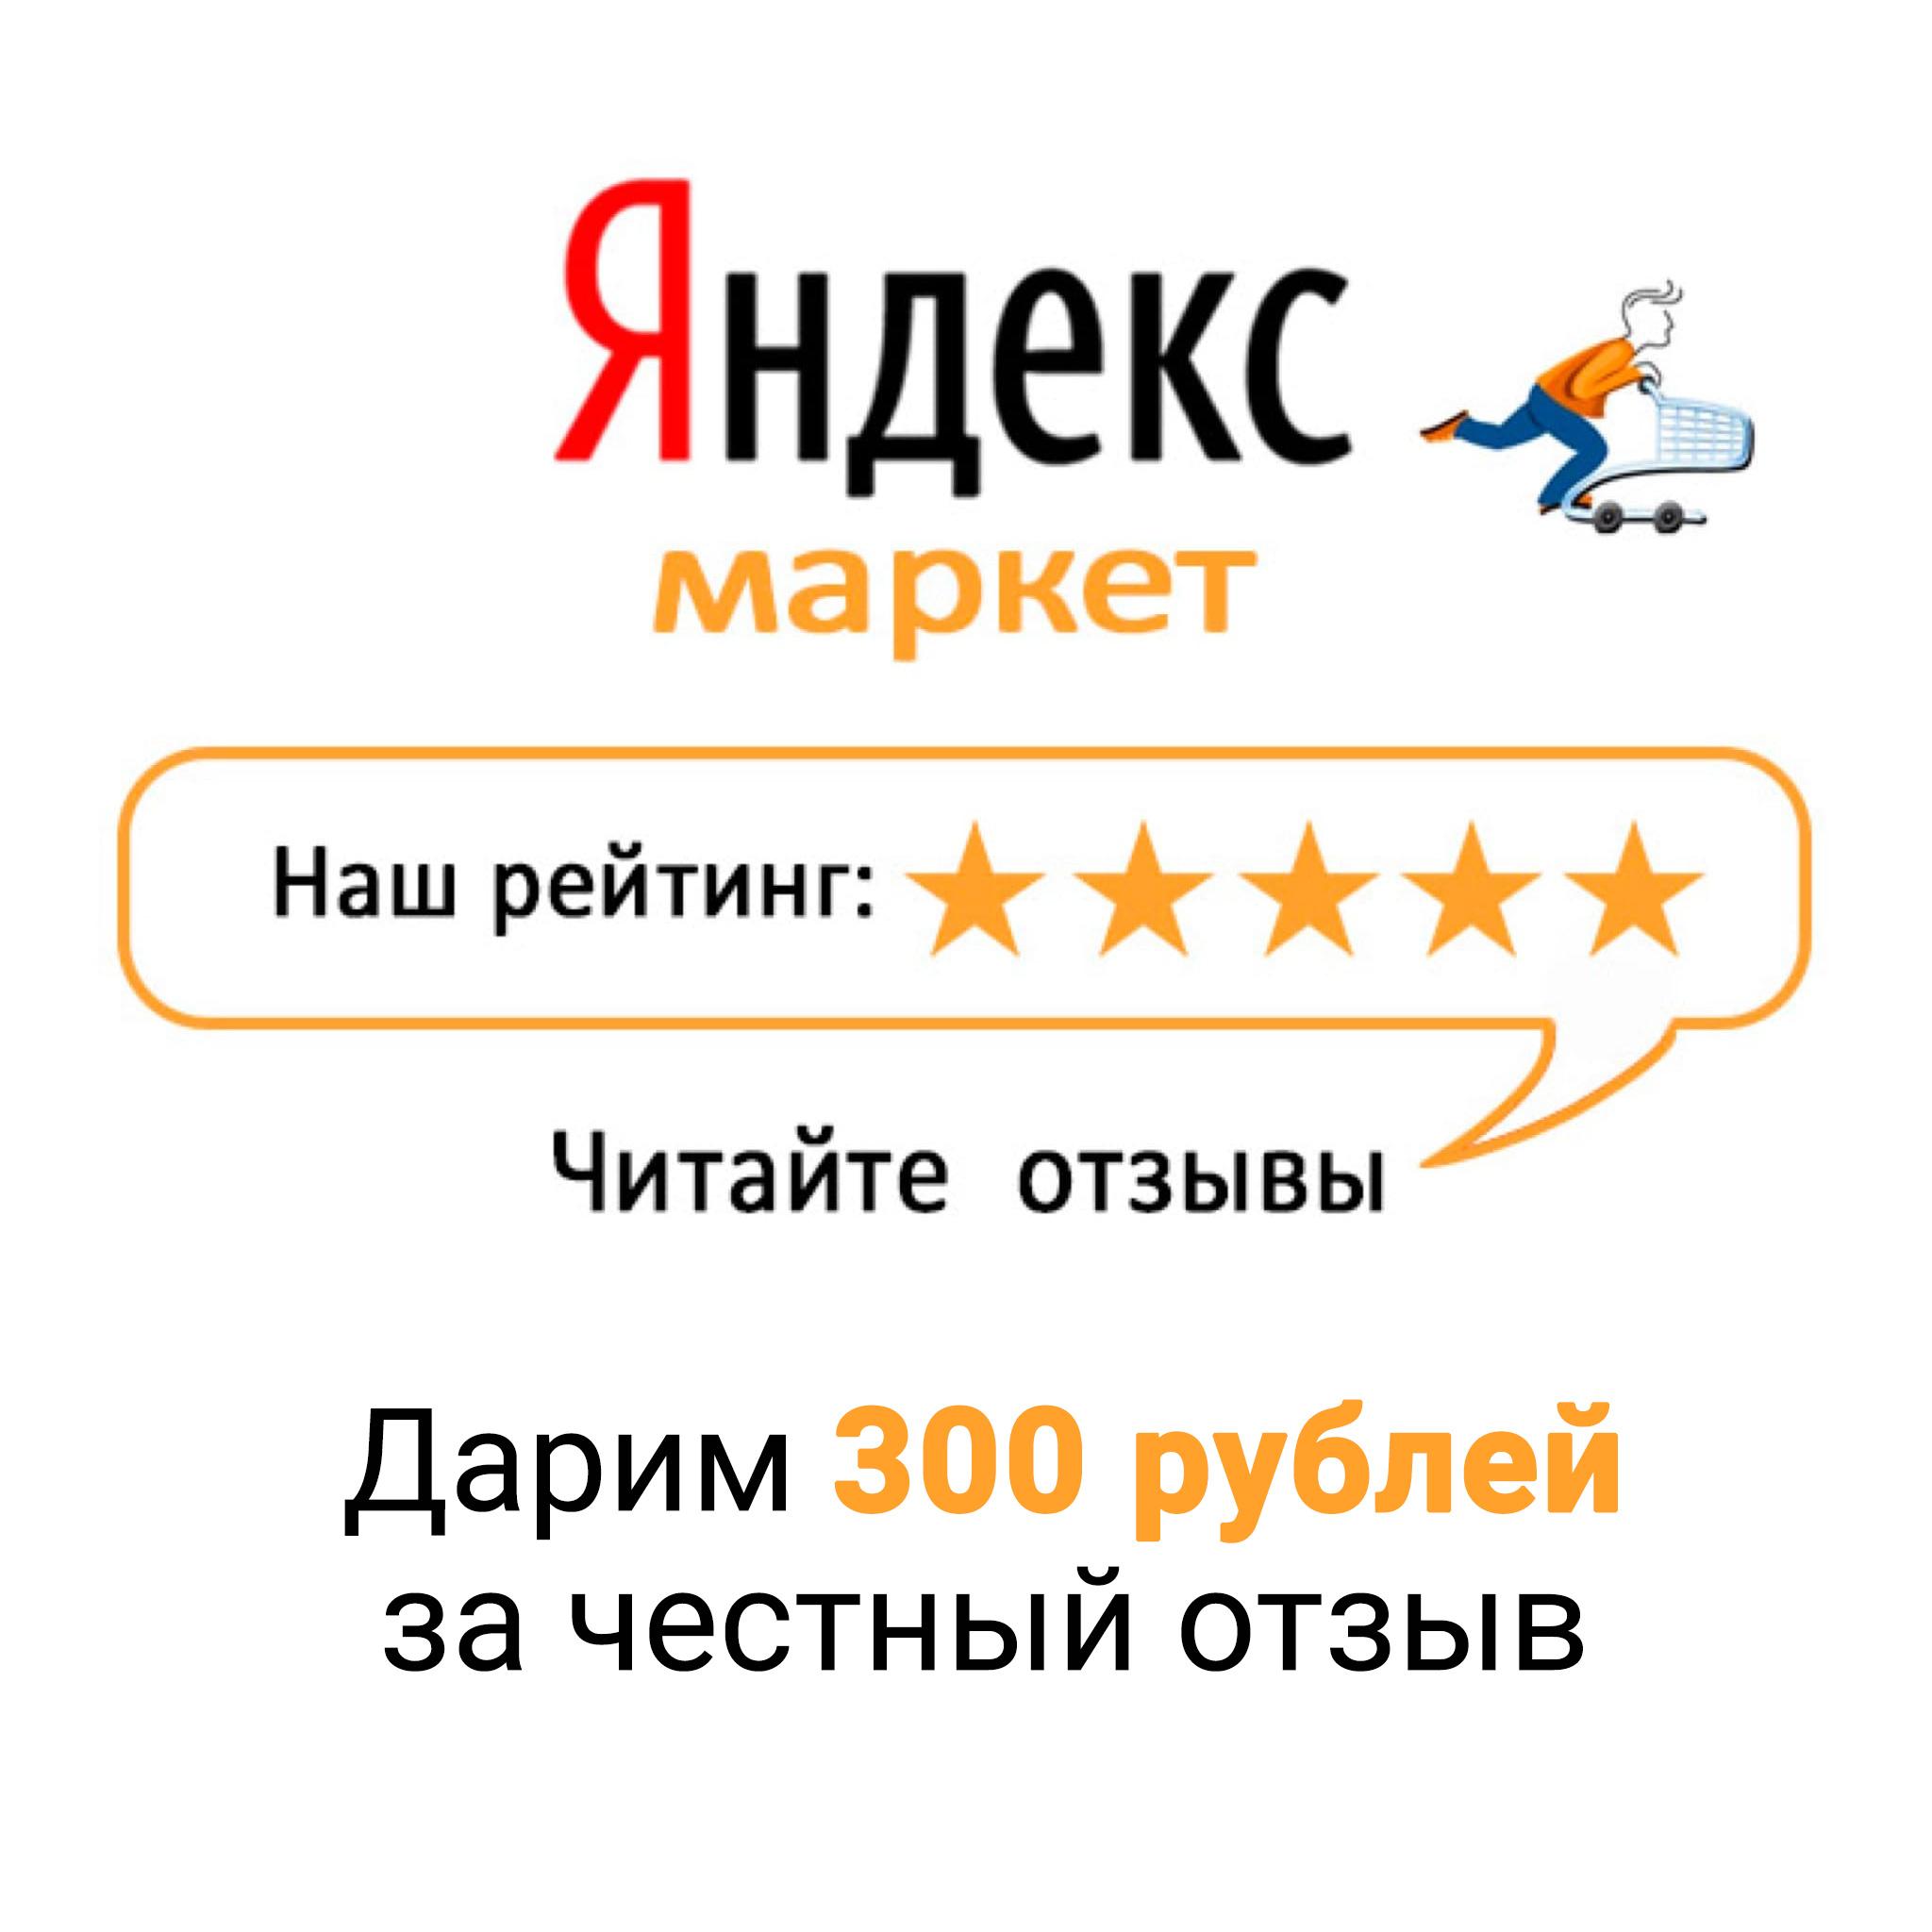 Отзыв на маркете